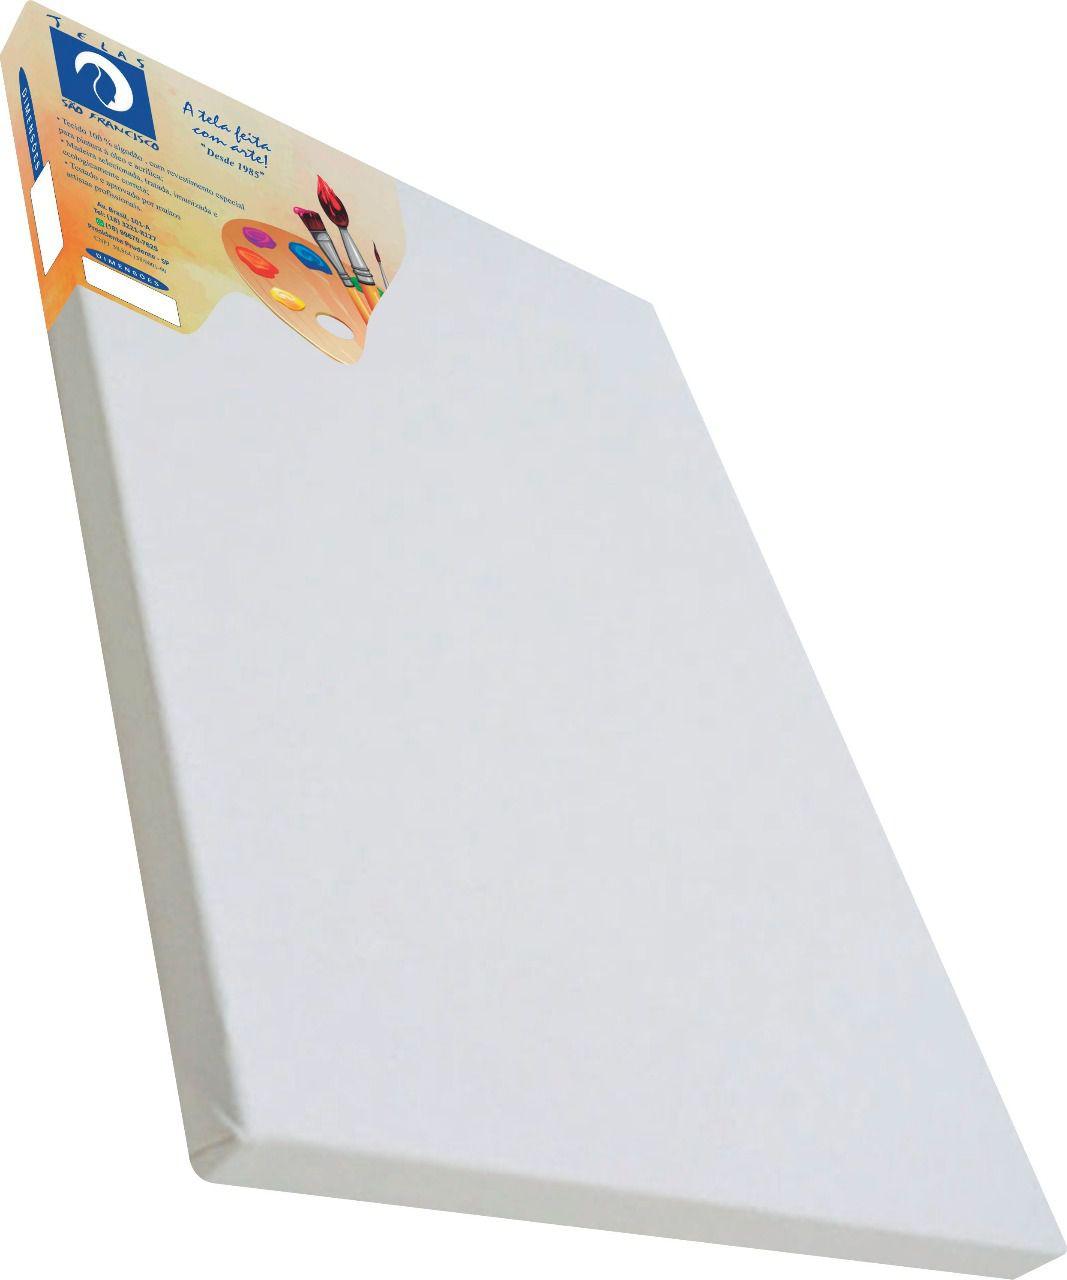 Tela comum para pintura 12x30cm - São Francisco